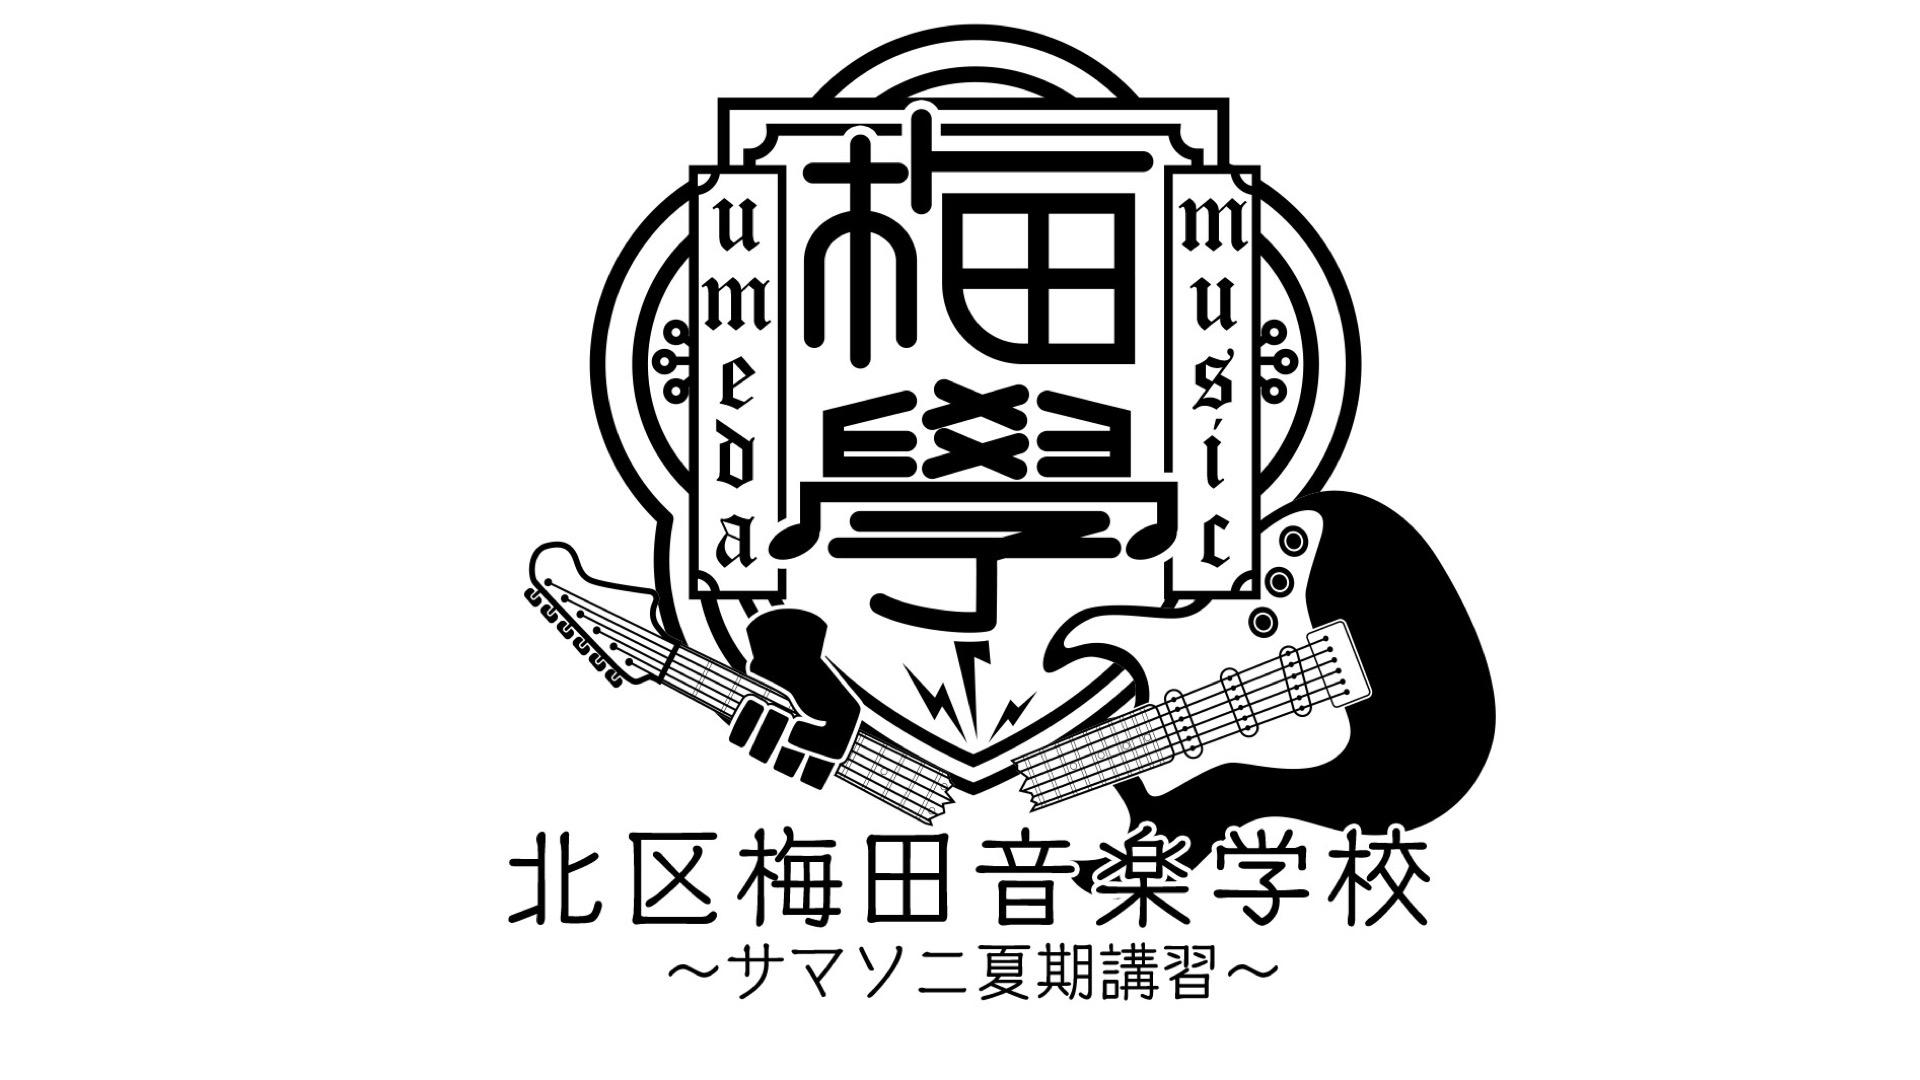 7月1日(月)24:59 O.A. <br>毎日放送<br>「北区梅田音楽学校〜サマソニ夏期講習〜【★小籔&くっきーが徹底解説♪】」